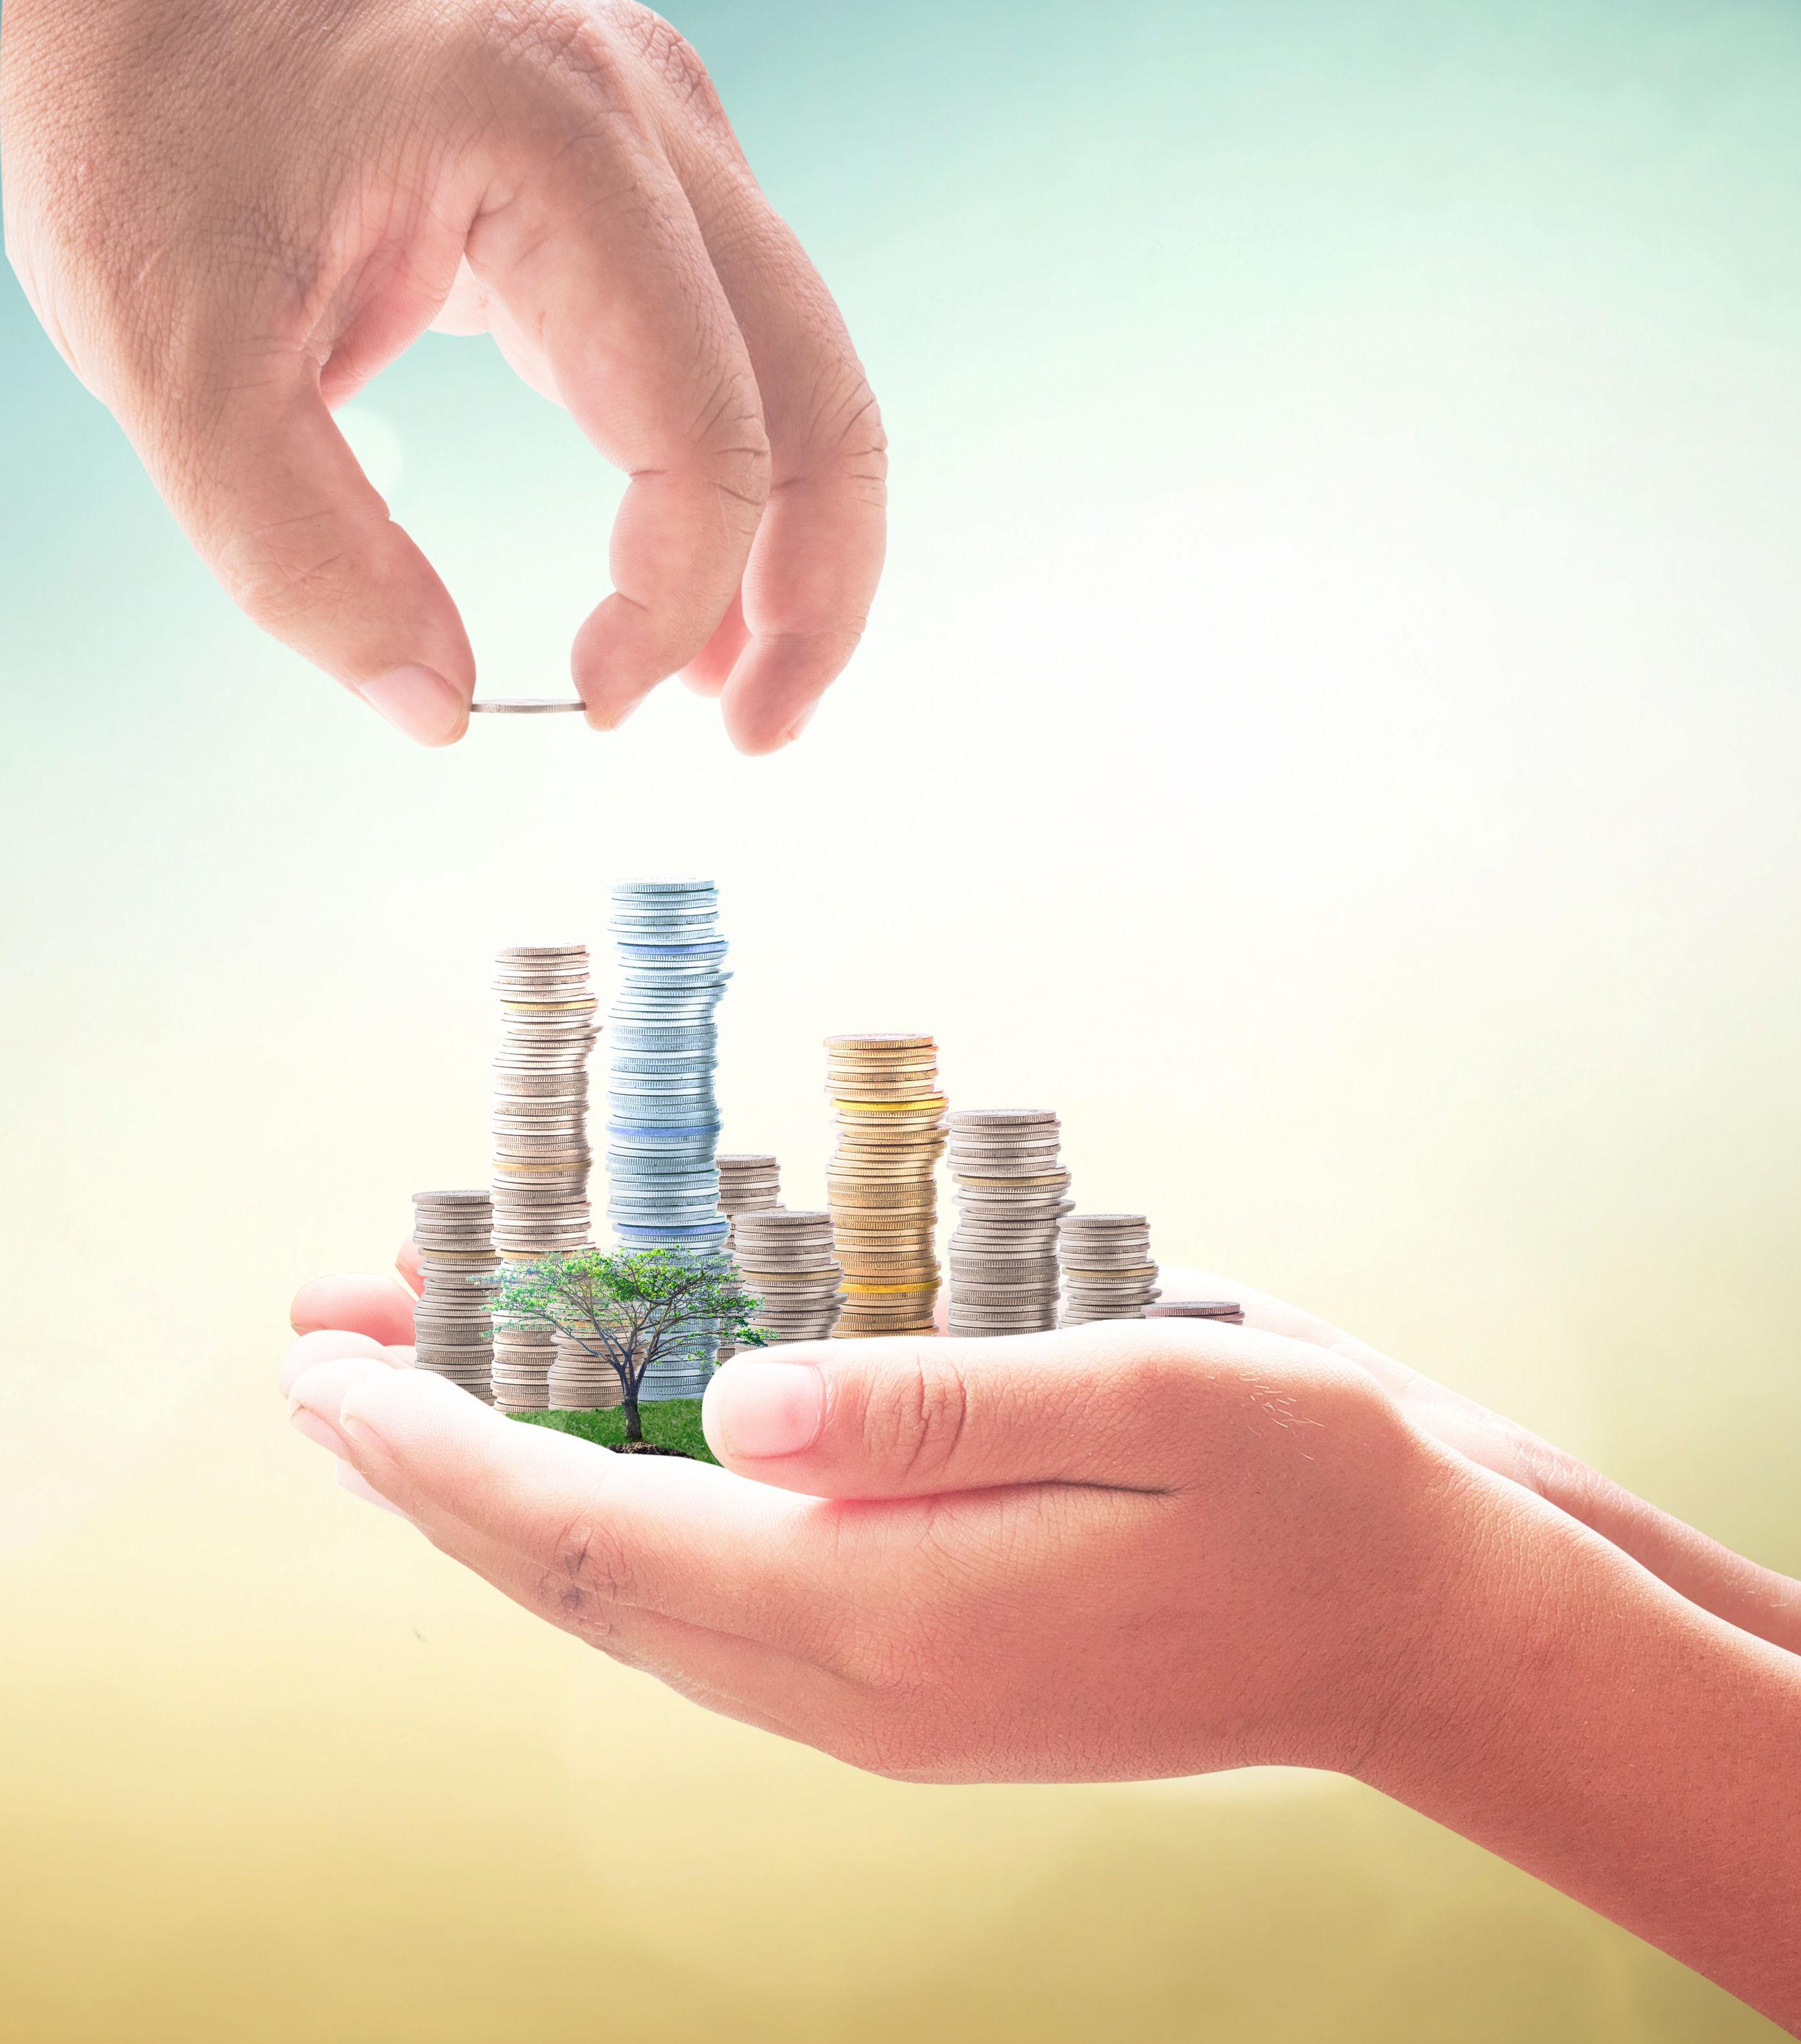 grow-money-shutterstock_407041495